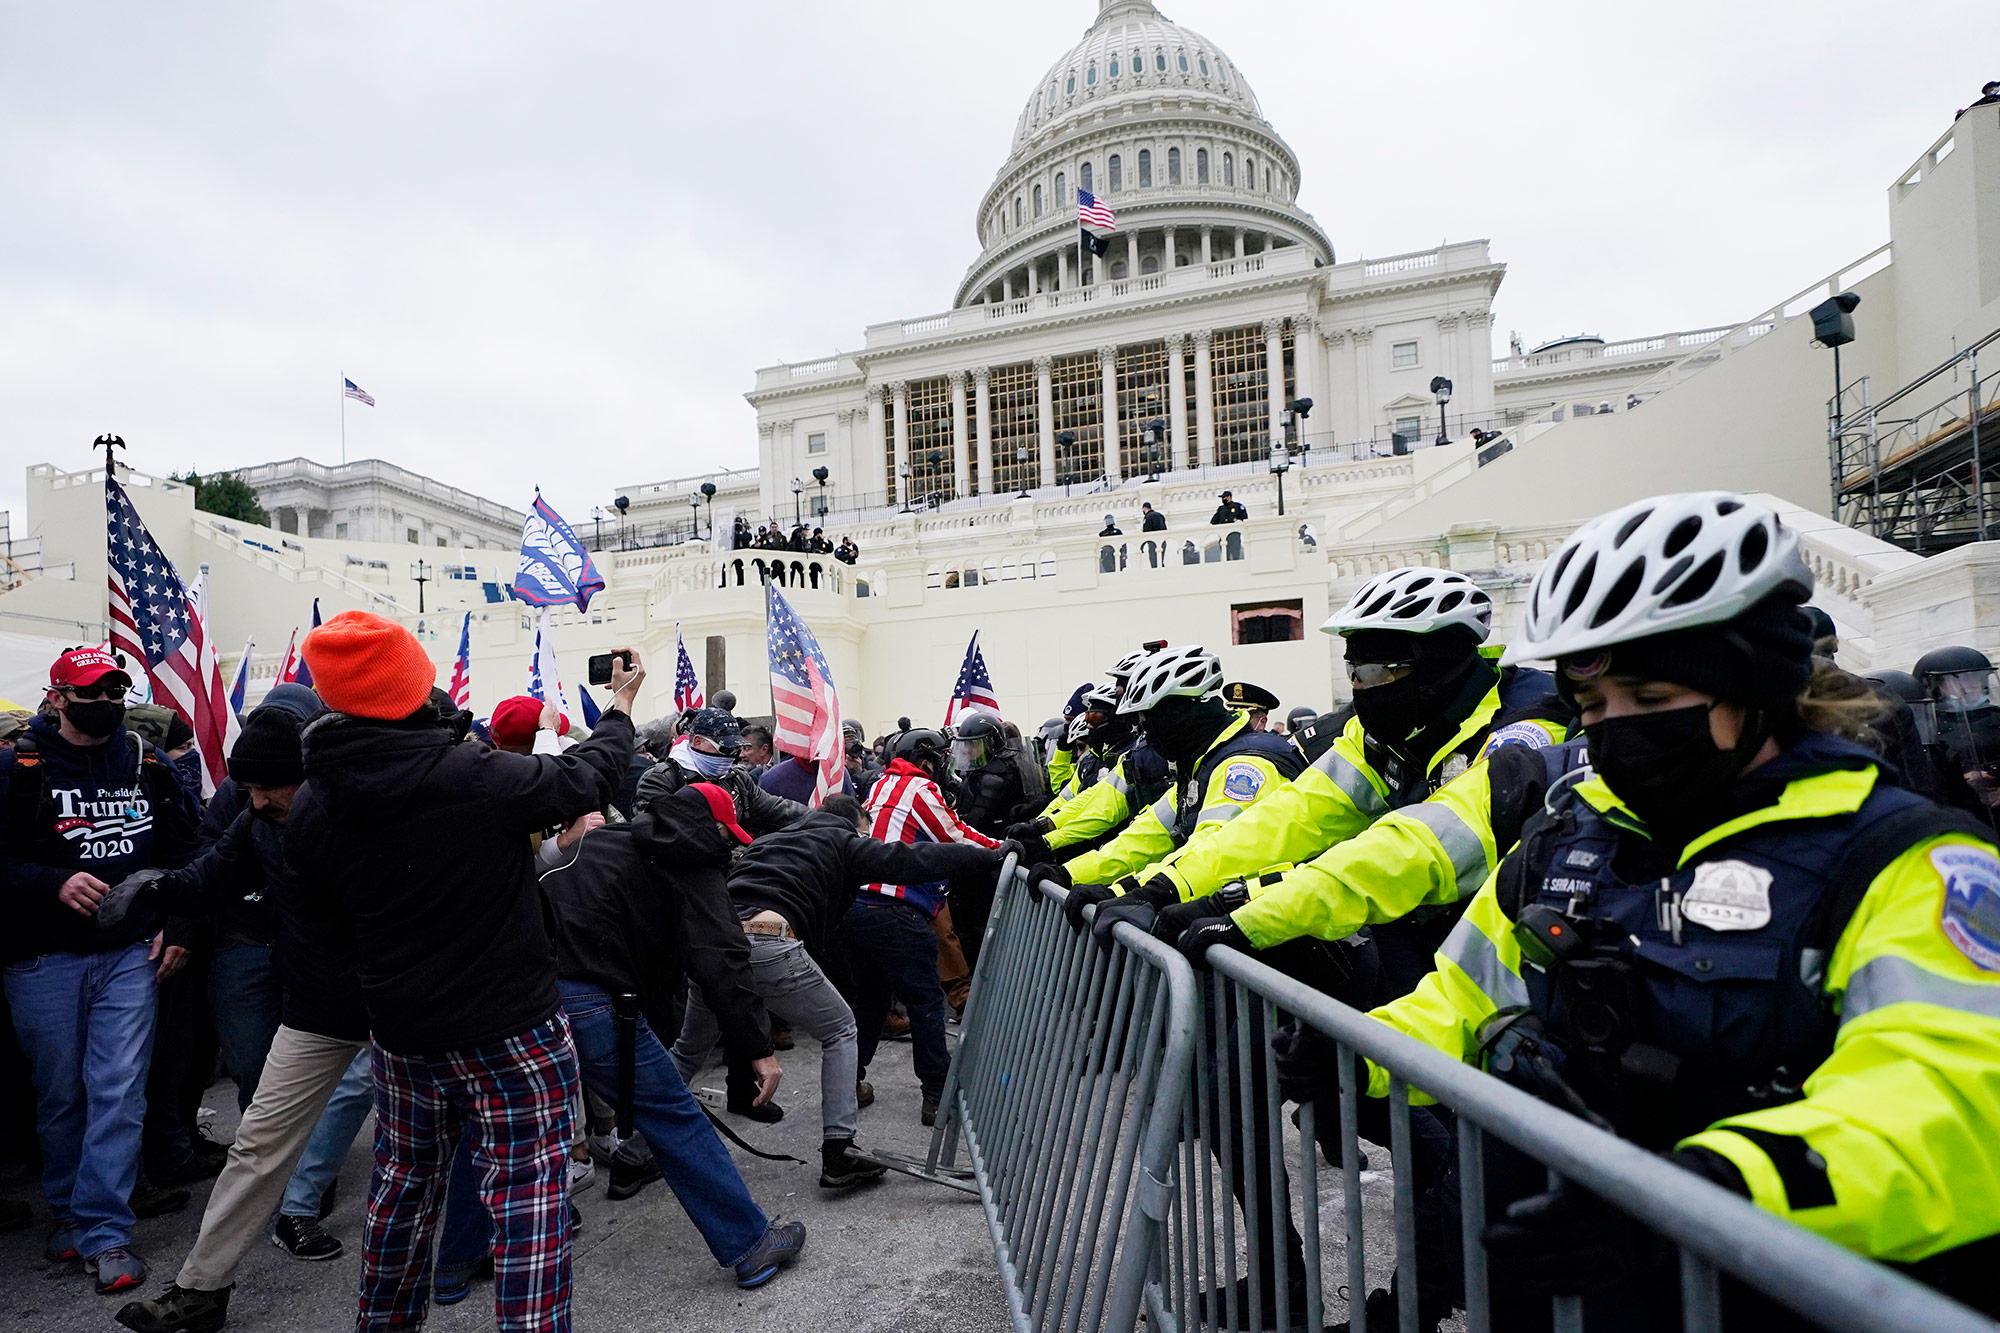 Turba invadió el Capitolio: agitadores armados entraron al Congreso, minuto  a minuto   CNN